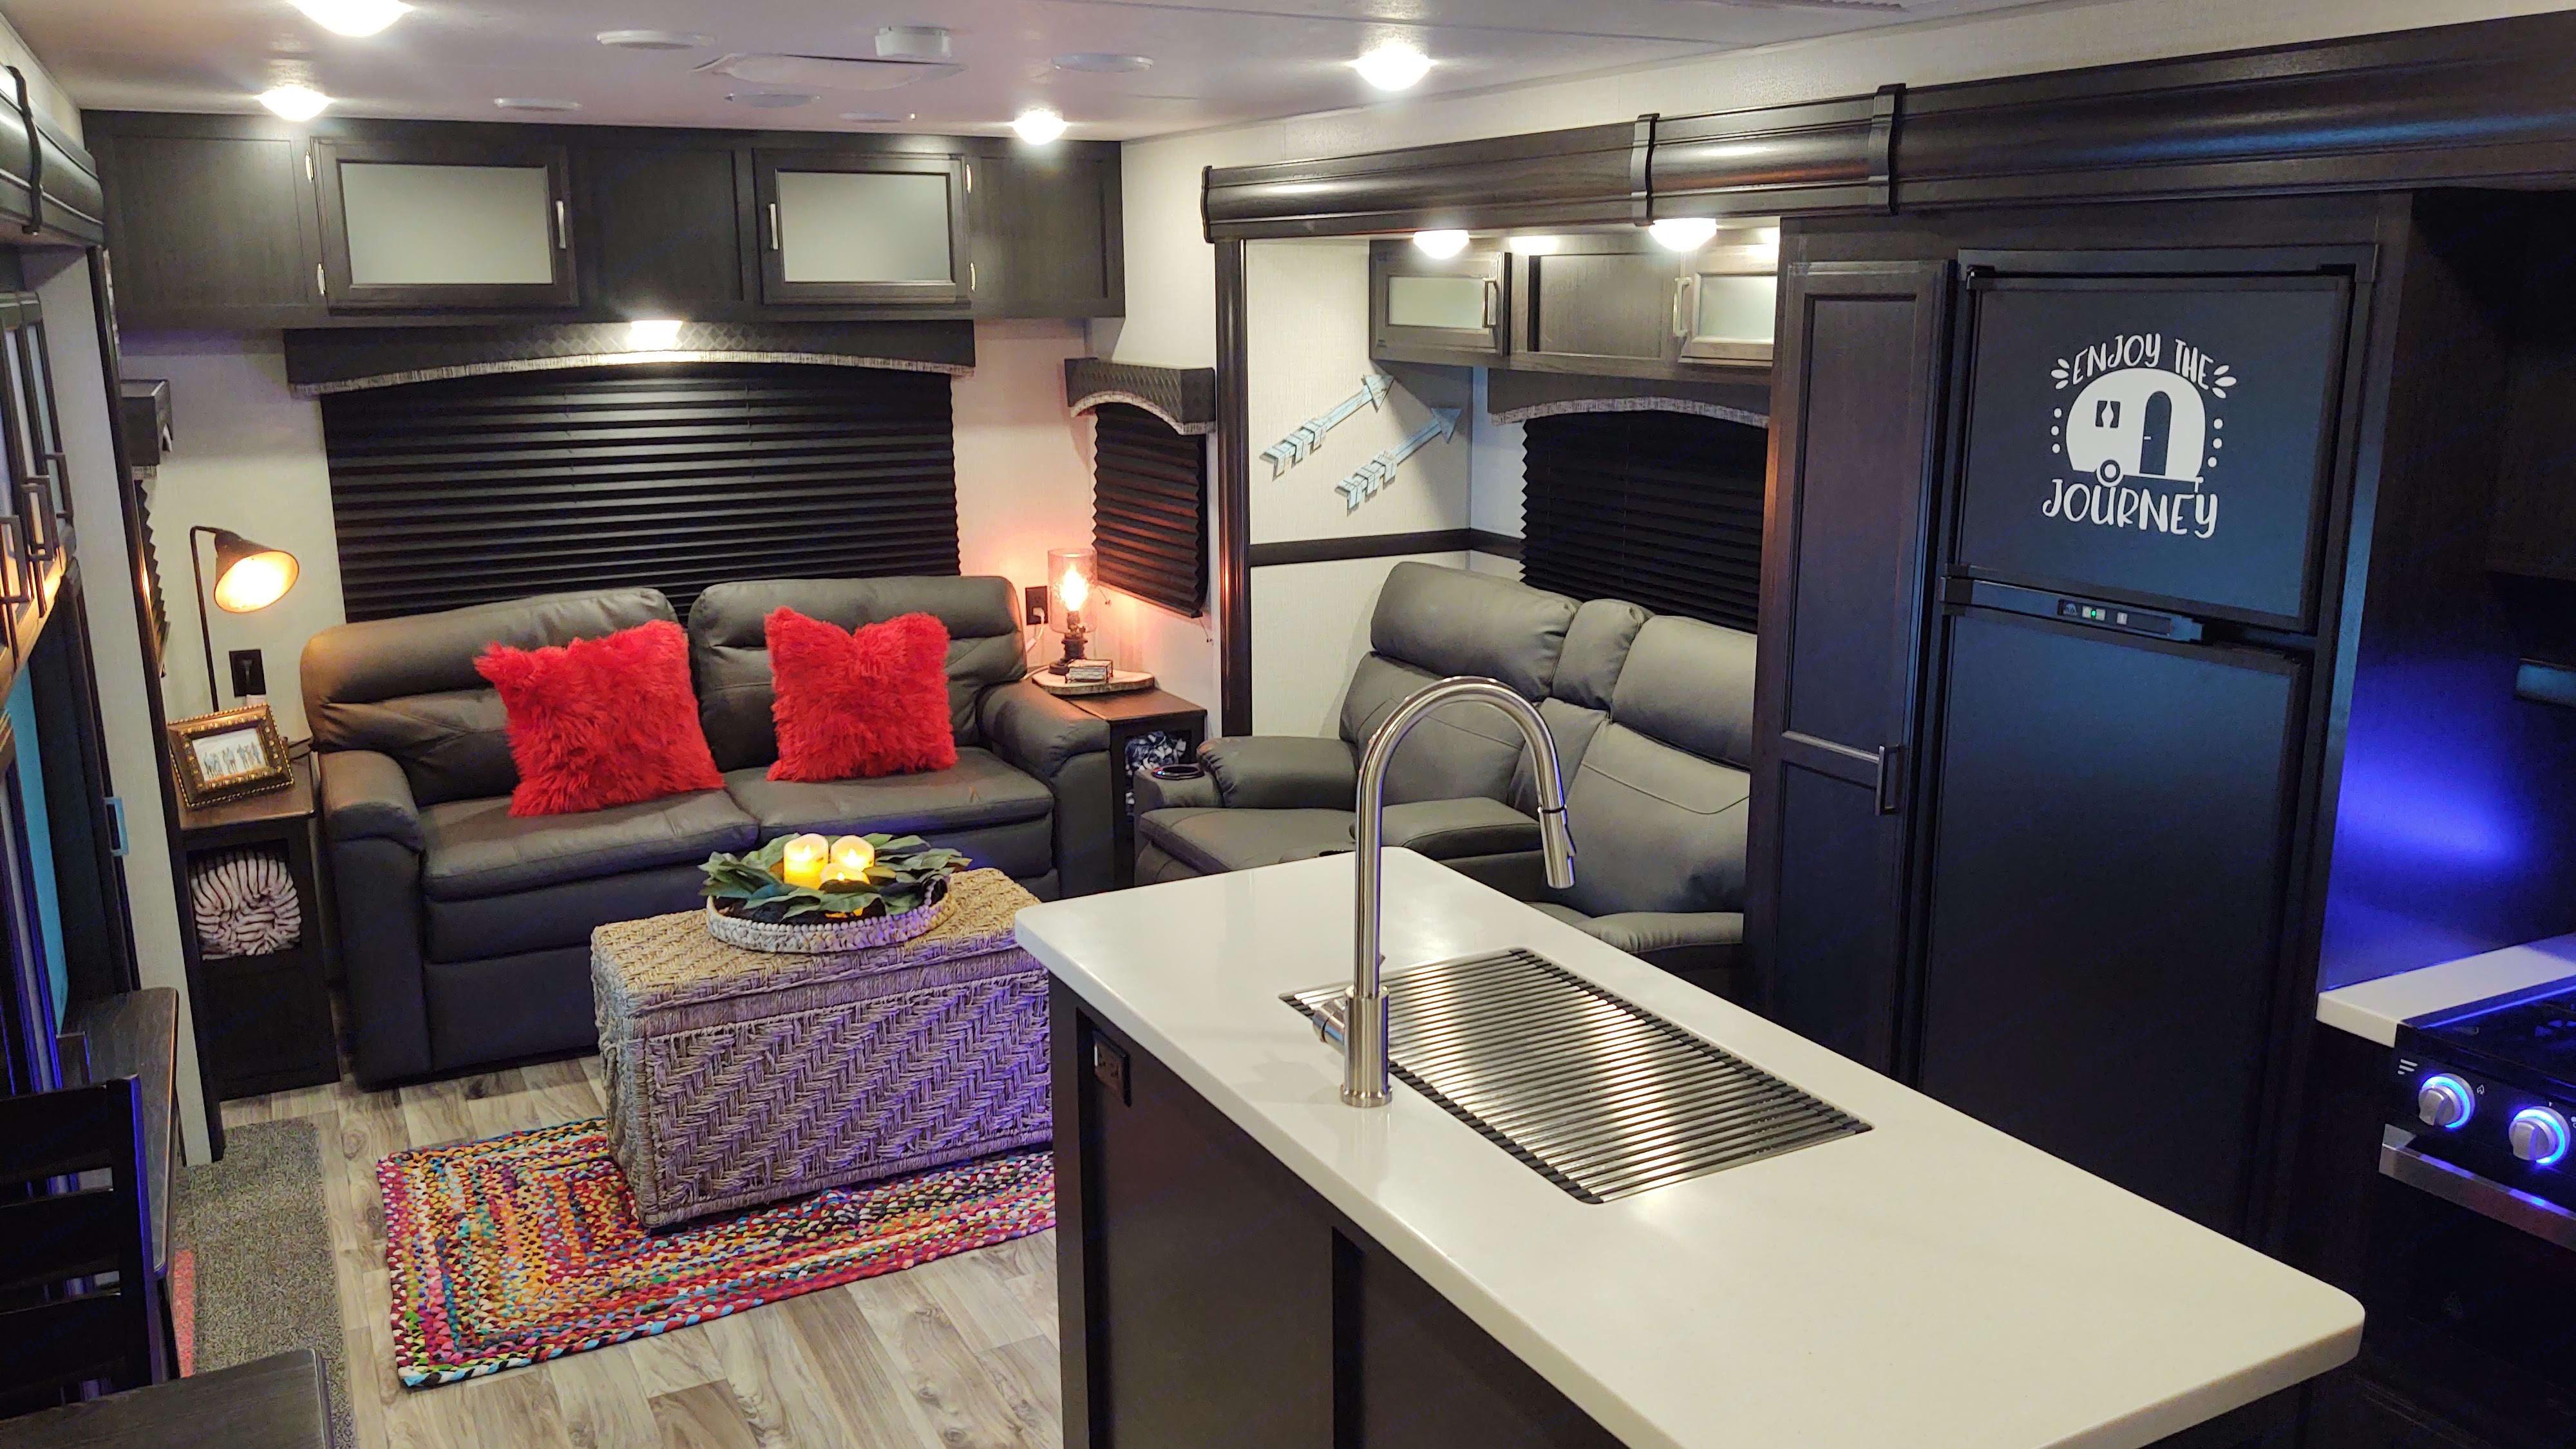 Living Room View From Kitchen. Venture Rv Sporttrek 2020